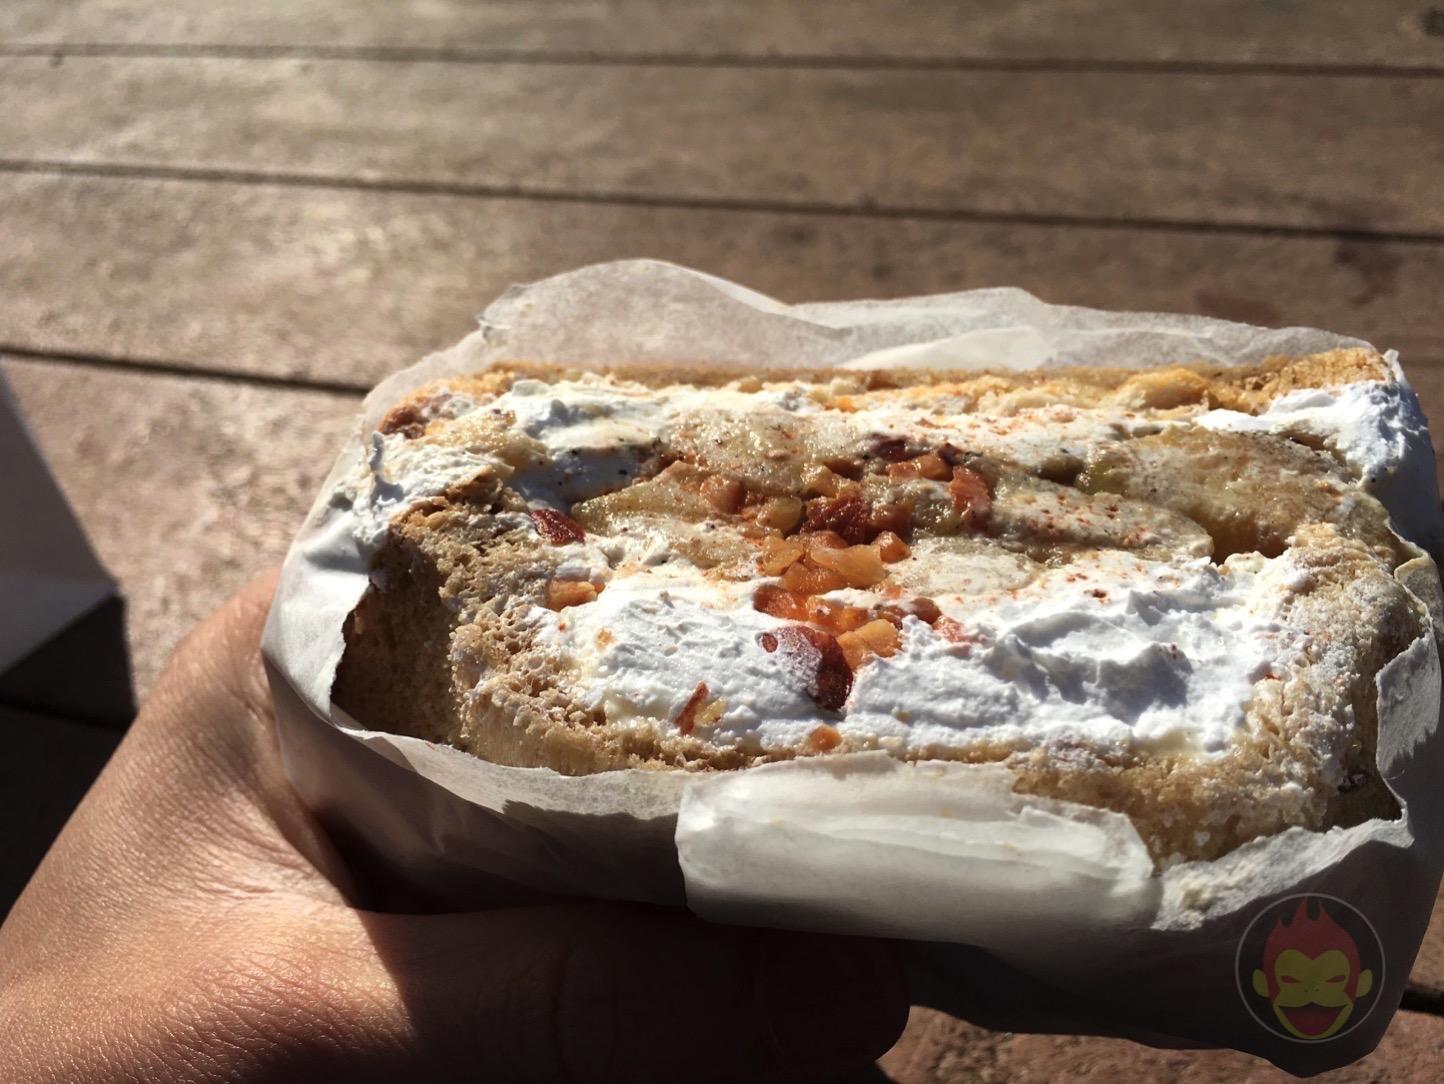 POTASTA-Healthy-Sandwiches-33.jpg